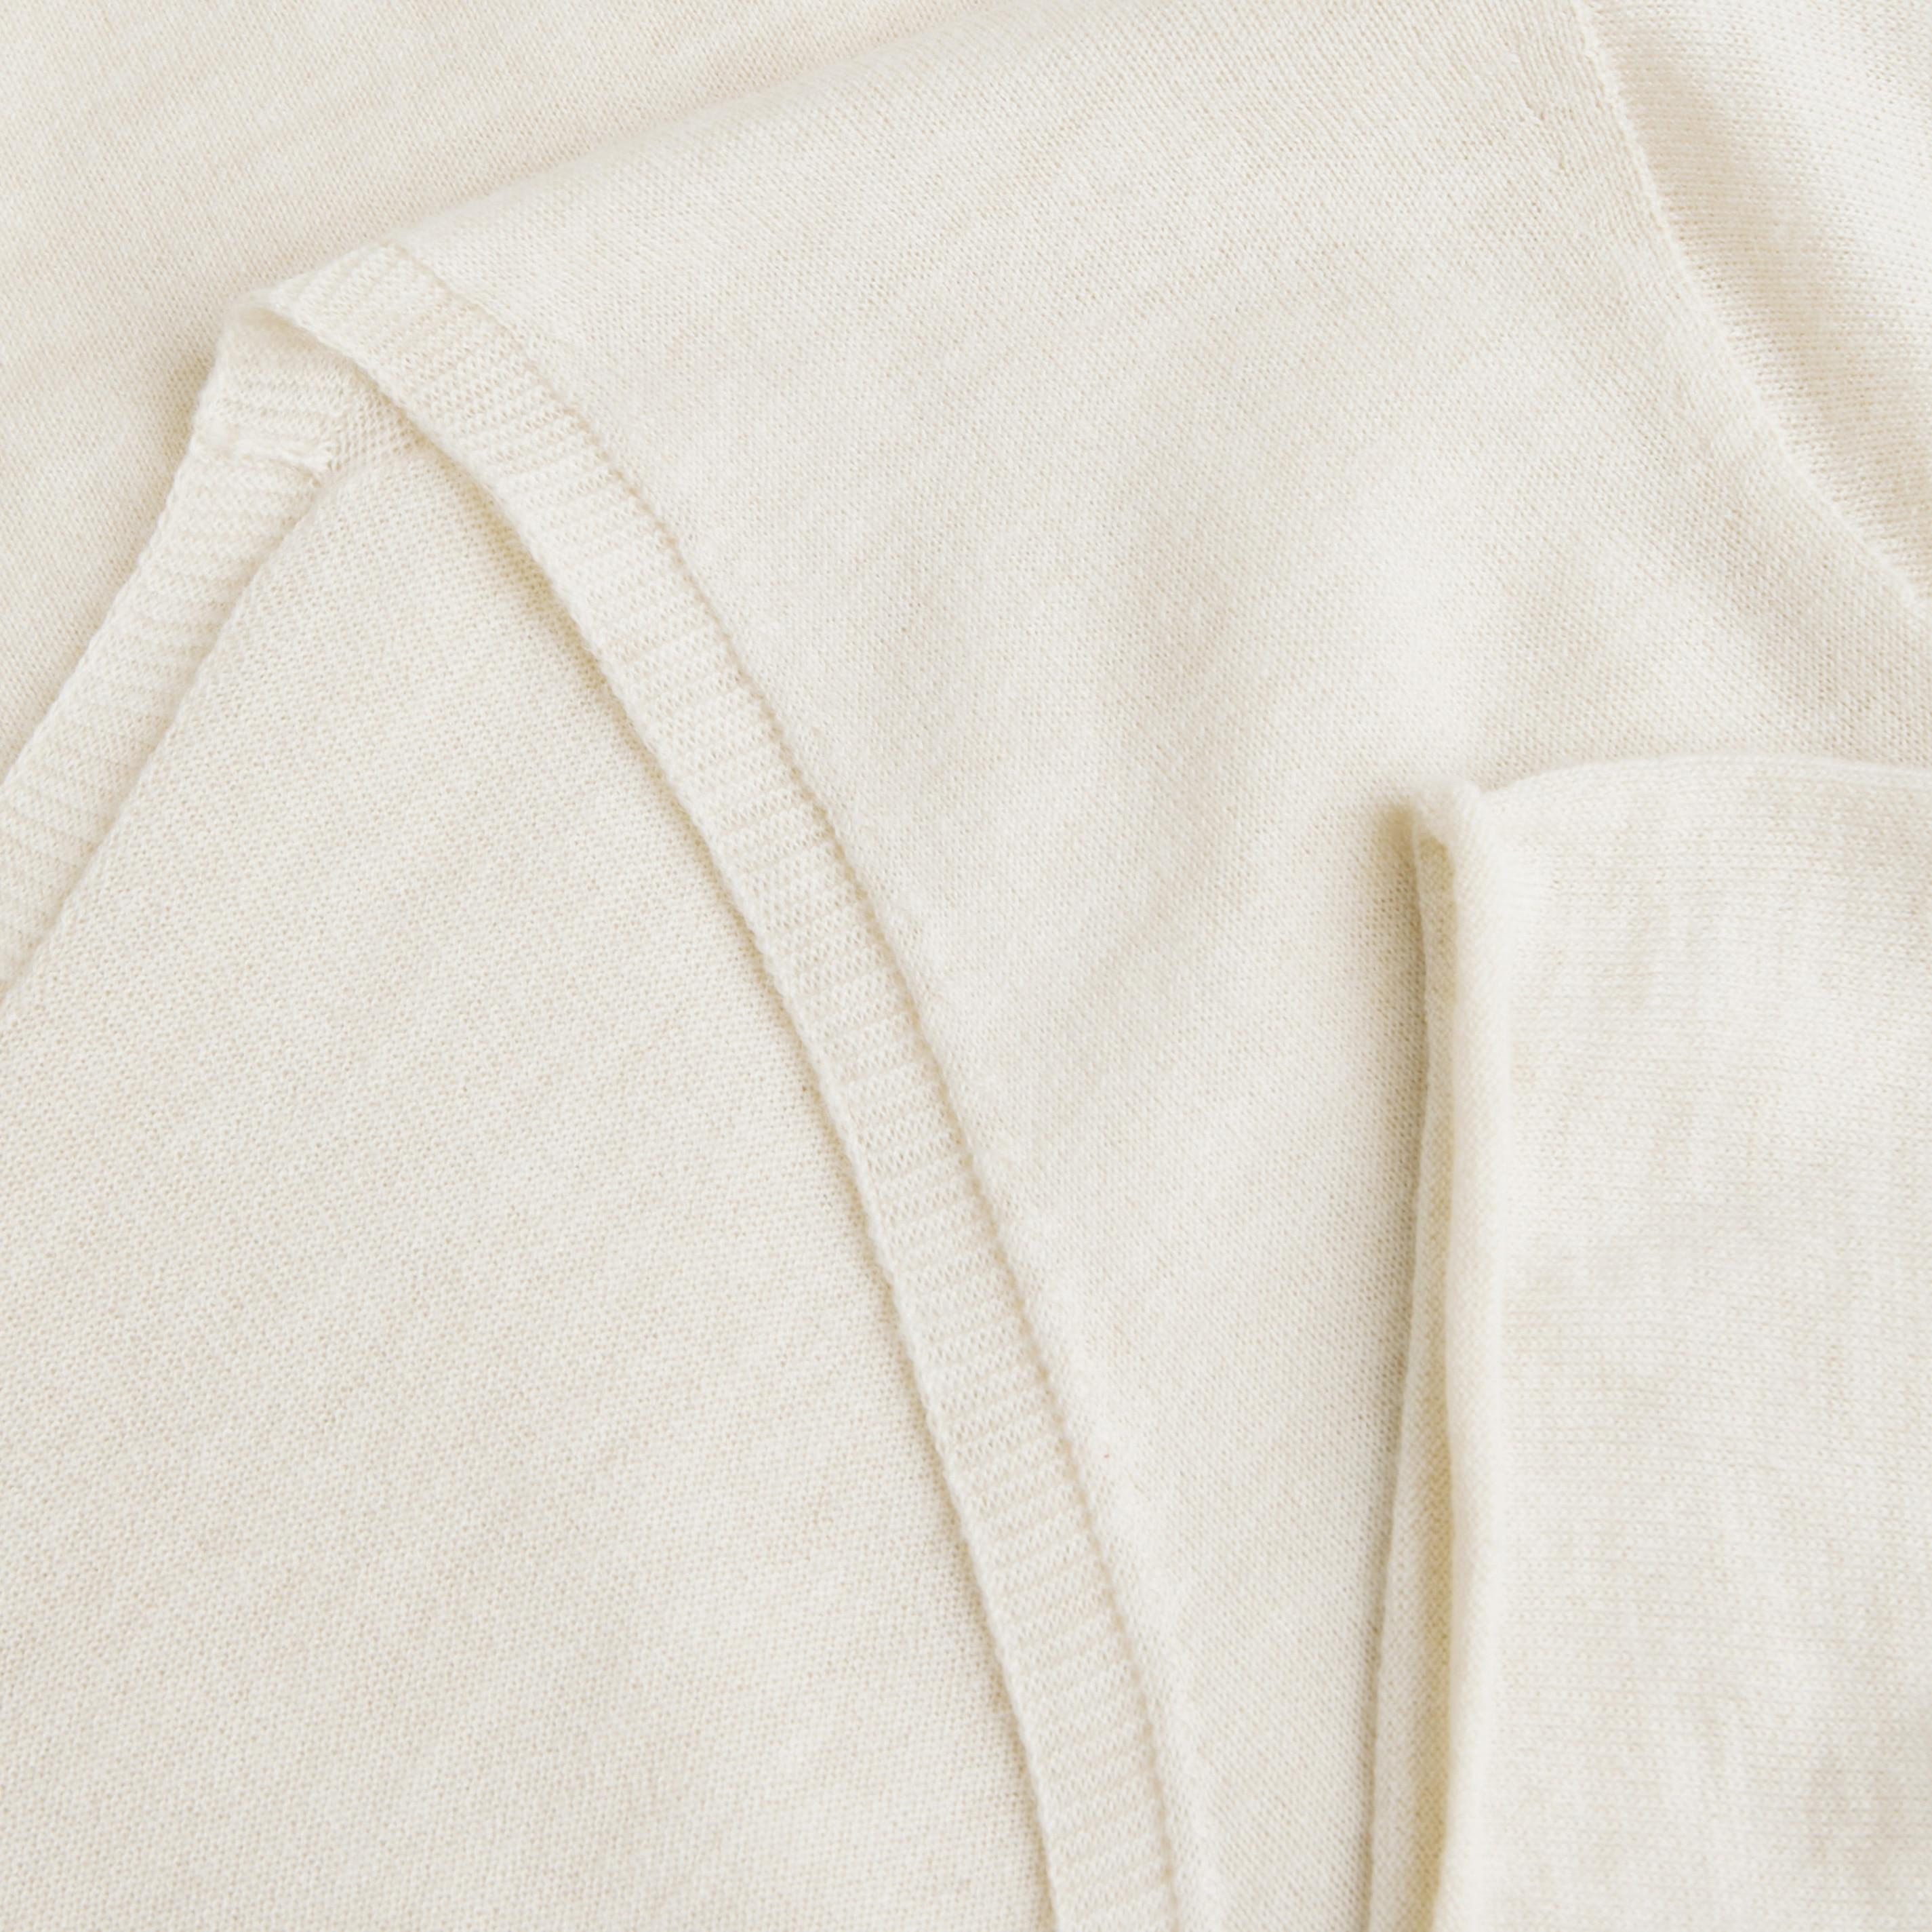 Cashmere V-neck Top-Cream Ivory - Cream Ivory S